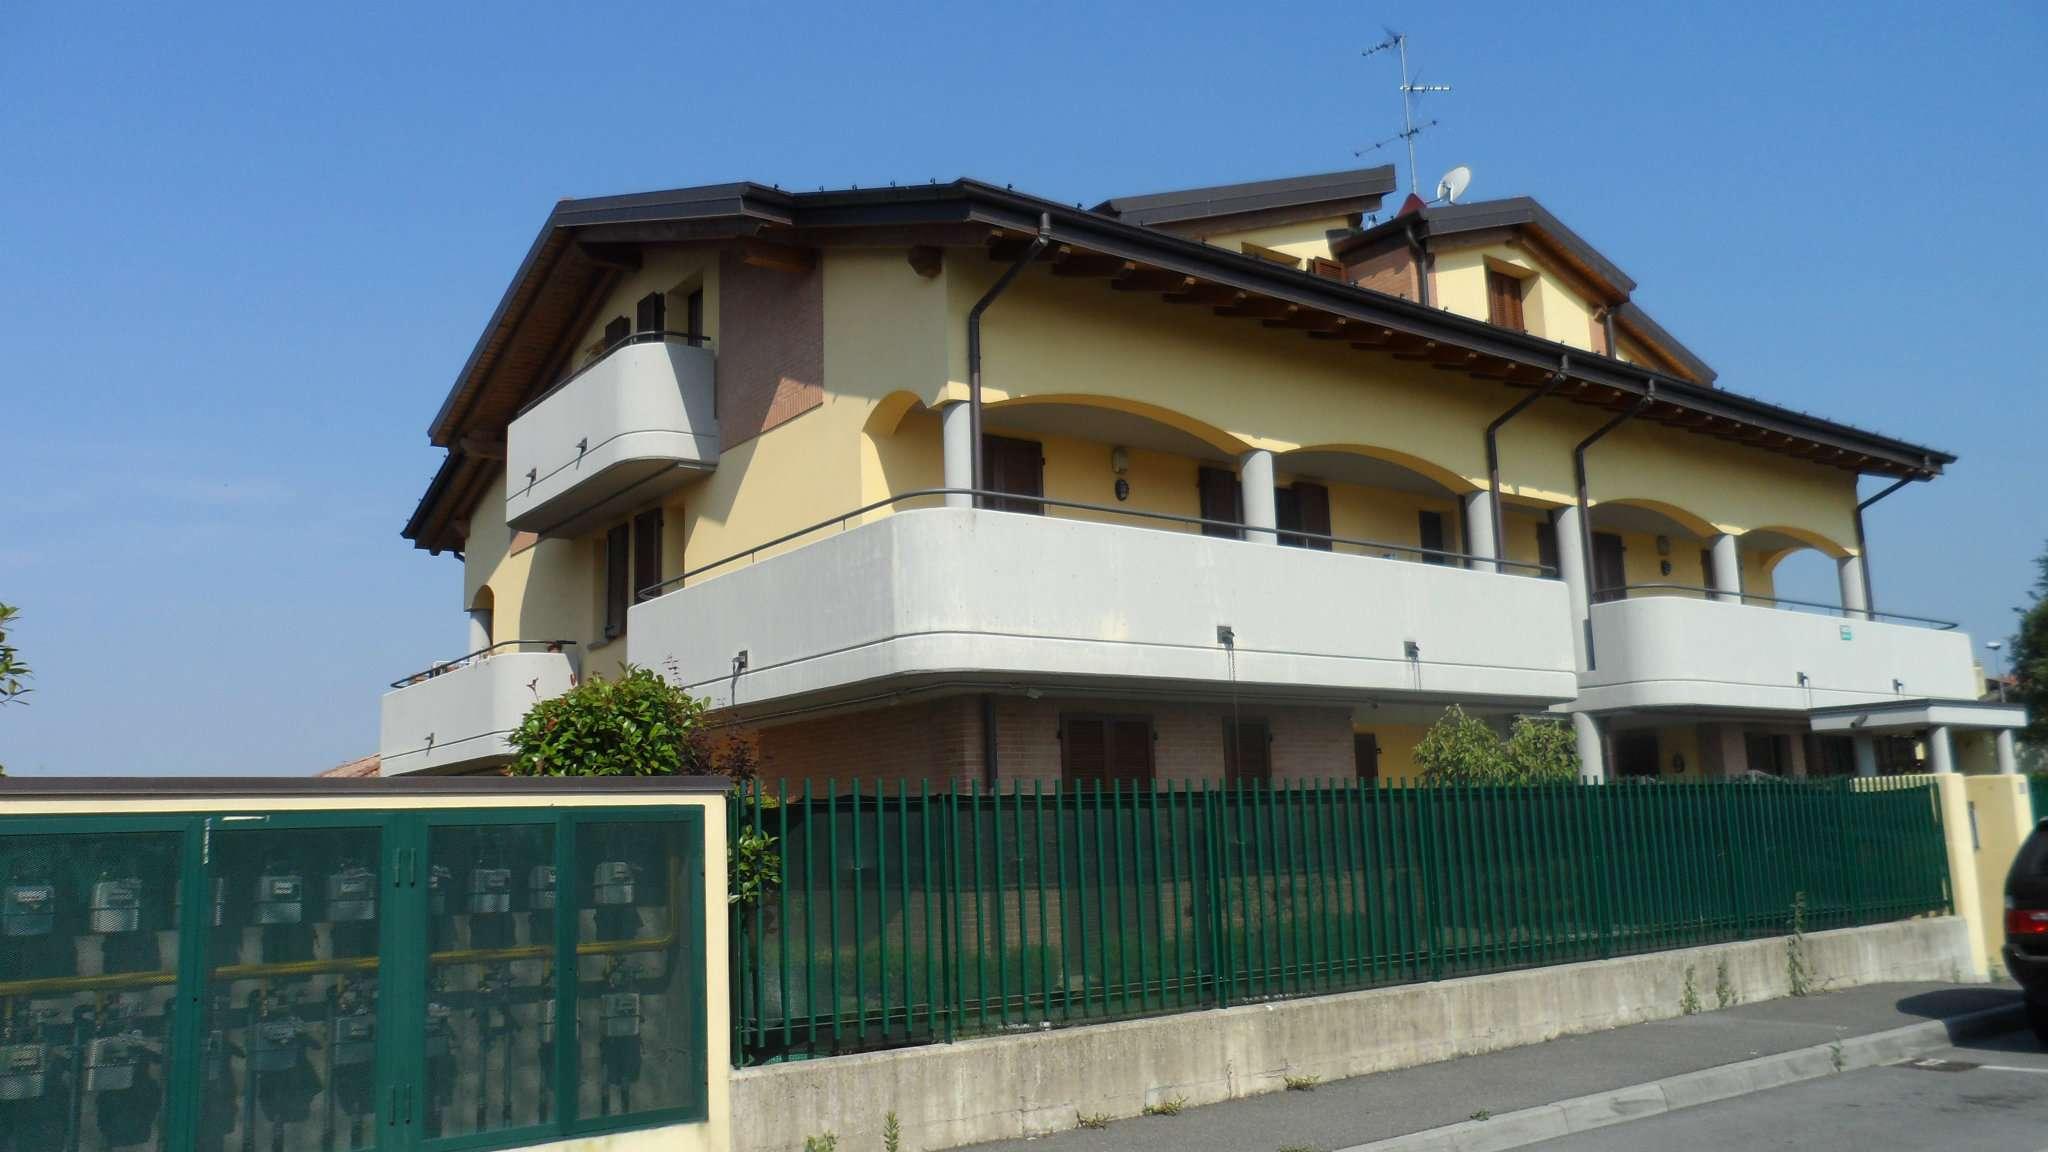 Bilocale Cavenago di Brianza Via Gaber 2